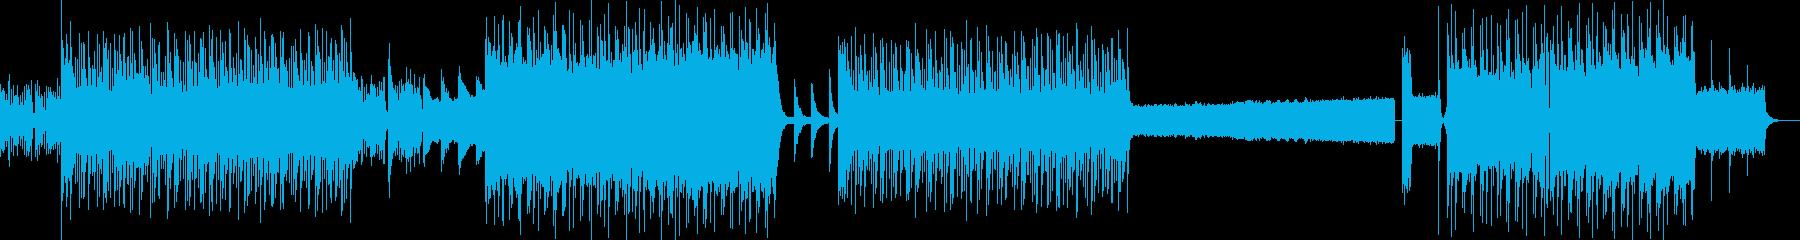 センチメンタルR&B/FuturePopの再生済みの波形